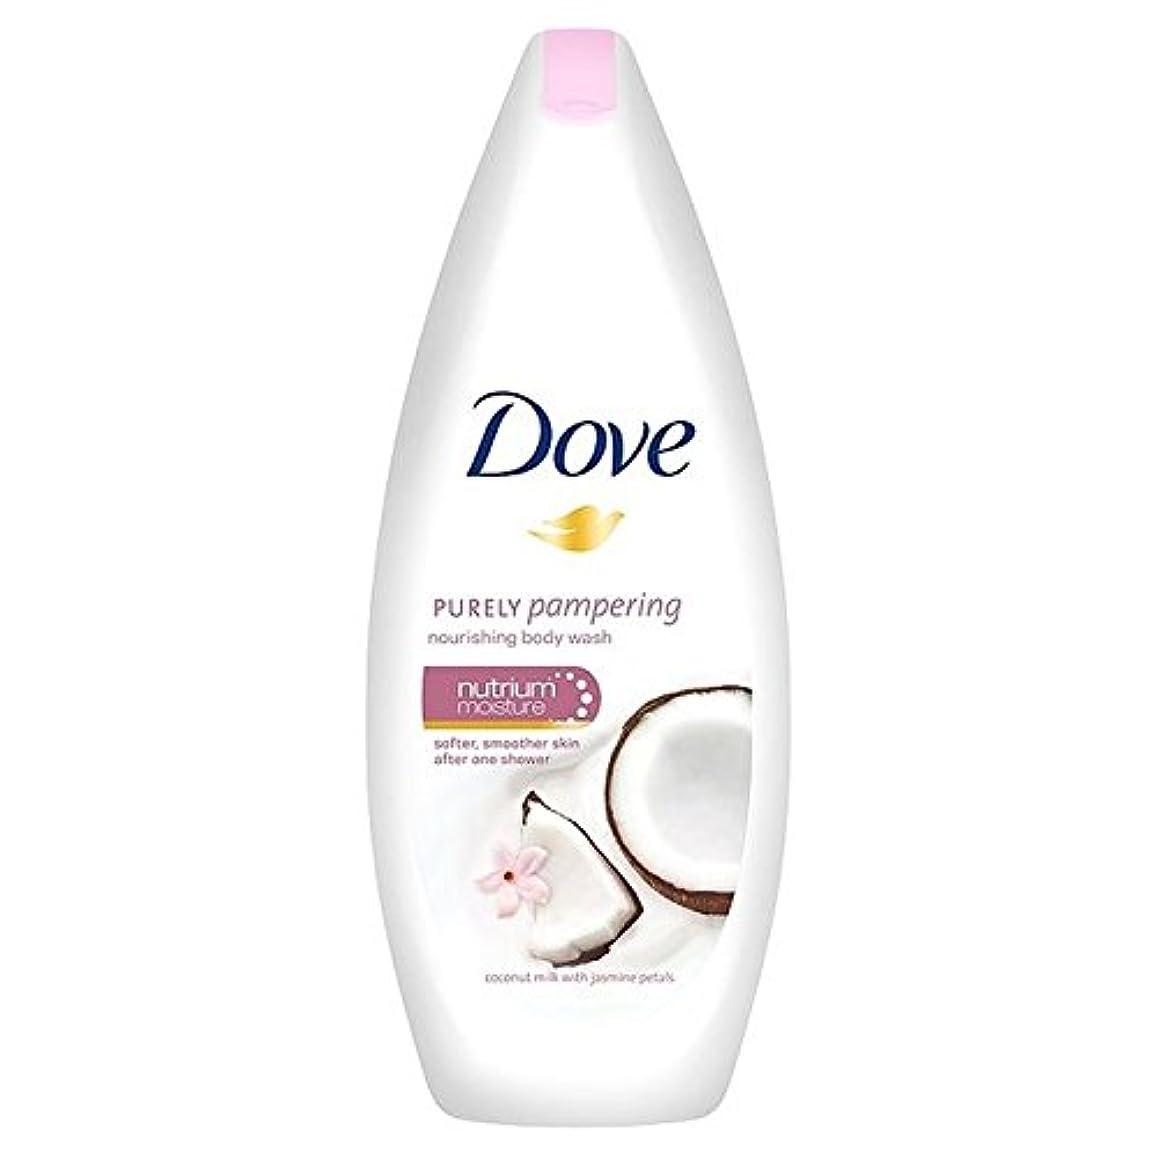 鳩純粋に甘やかすココナッツボディウォッシュ250ミリリットル x4 - Dove Purely Pampering Coconut Body Wash 250ml (Pack of 4) [並行輸入品]